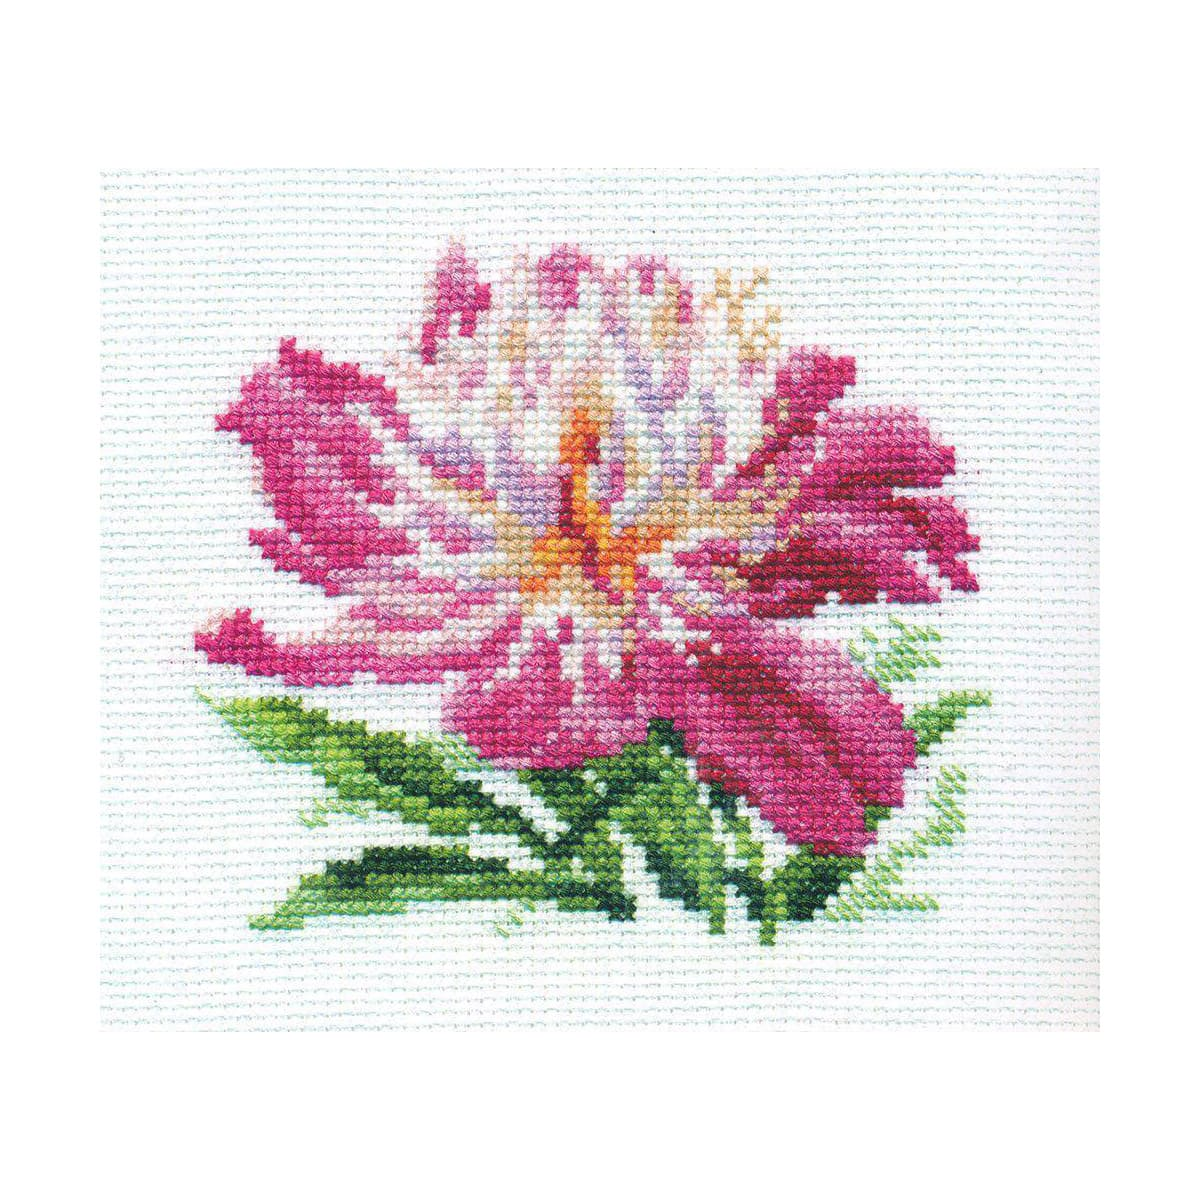 0-119 Набор для вышивания 'Алиса' 'Розовый пион', 10*11 см